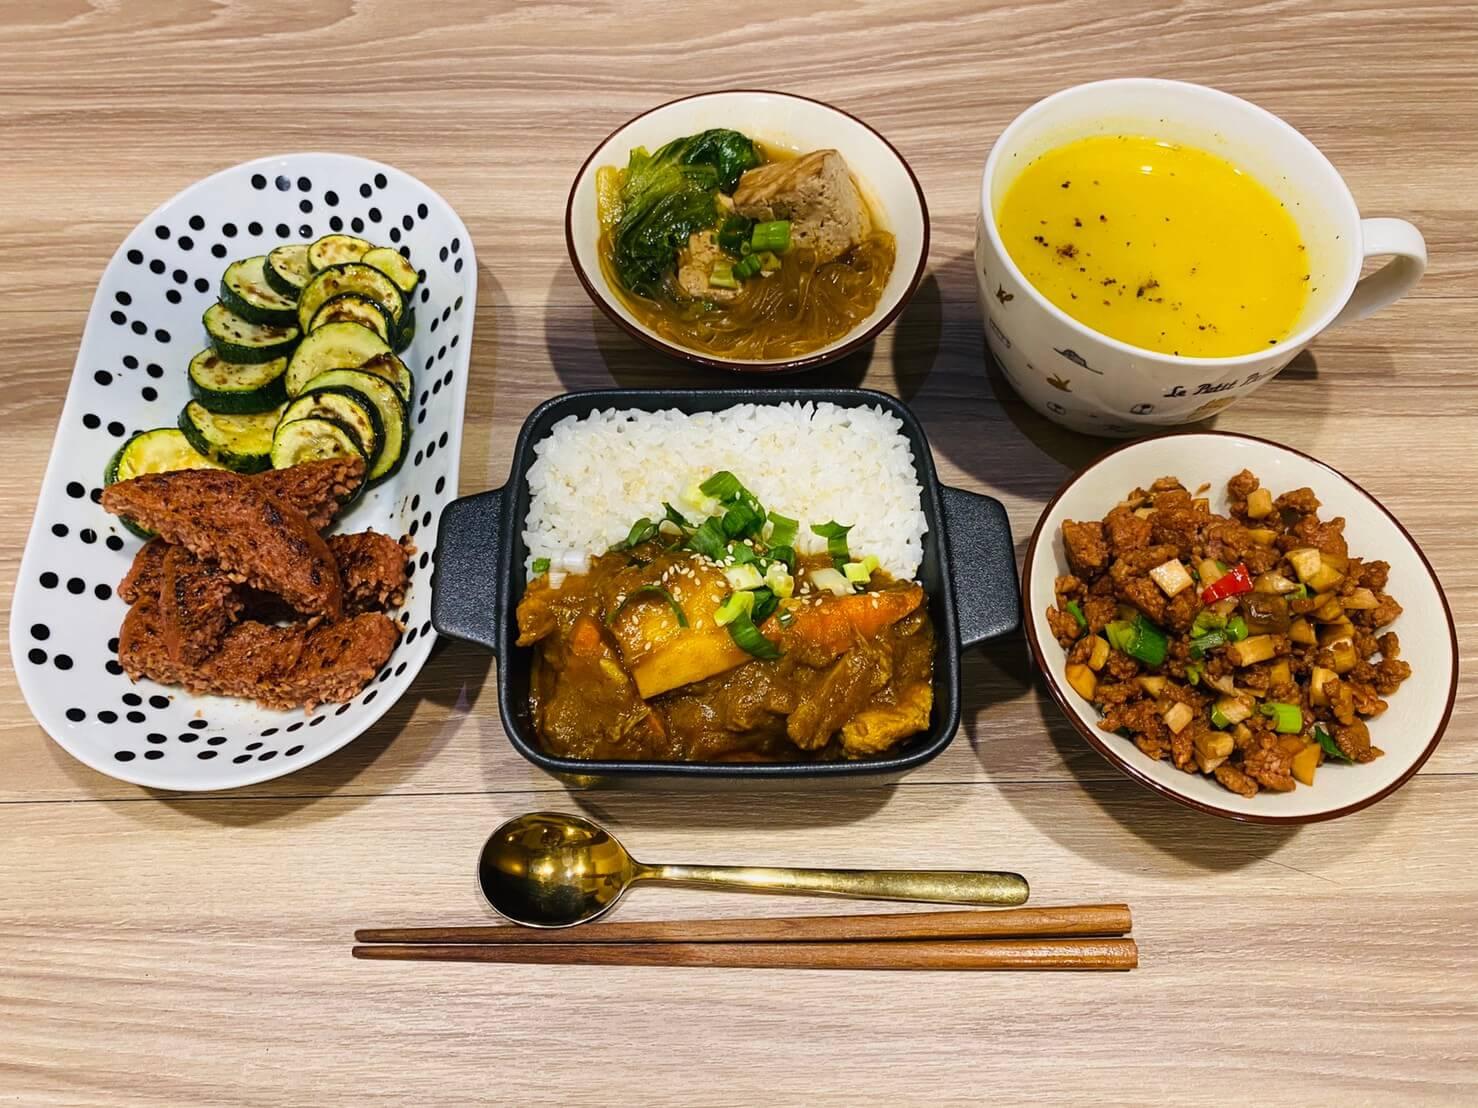 【開箱】蔬味平生 懶人救星/全素即食料理—未來肉蔬福漢堡排、咖哩醬即煮醬、南瓜湯